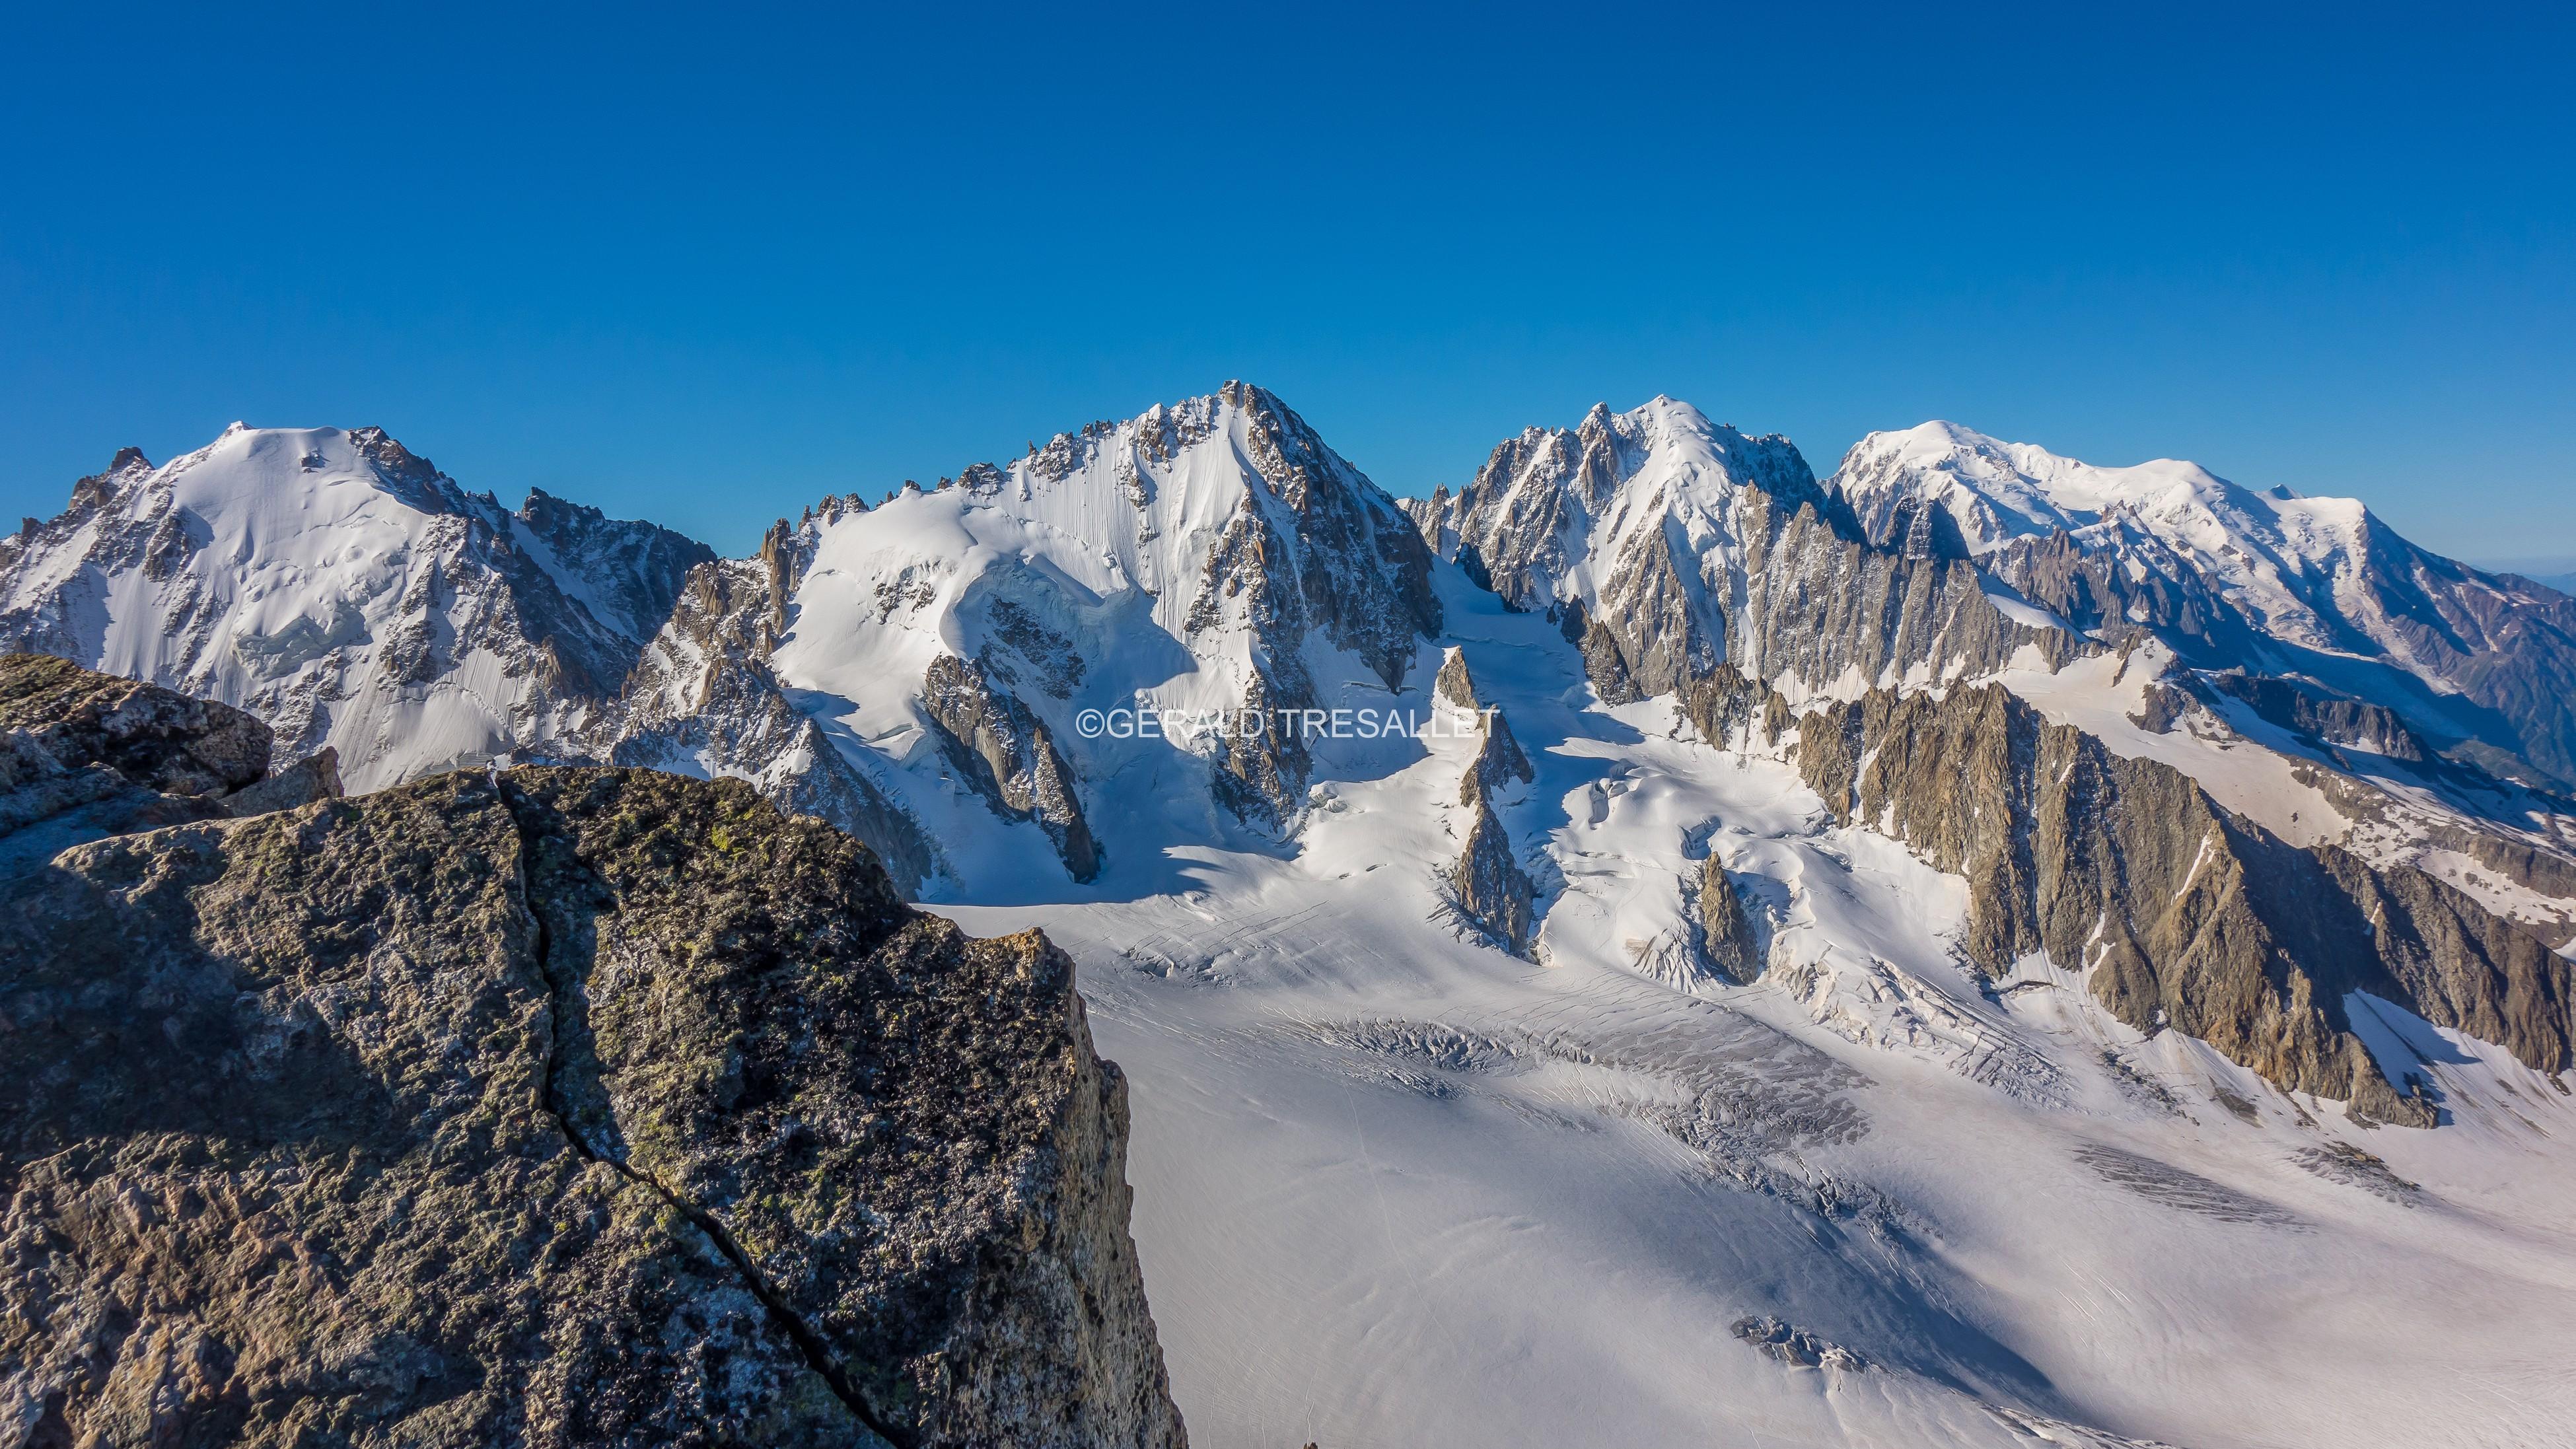 Chaîne du Mont-Blanc - Dsc08693